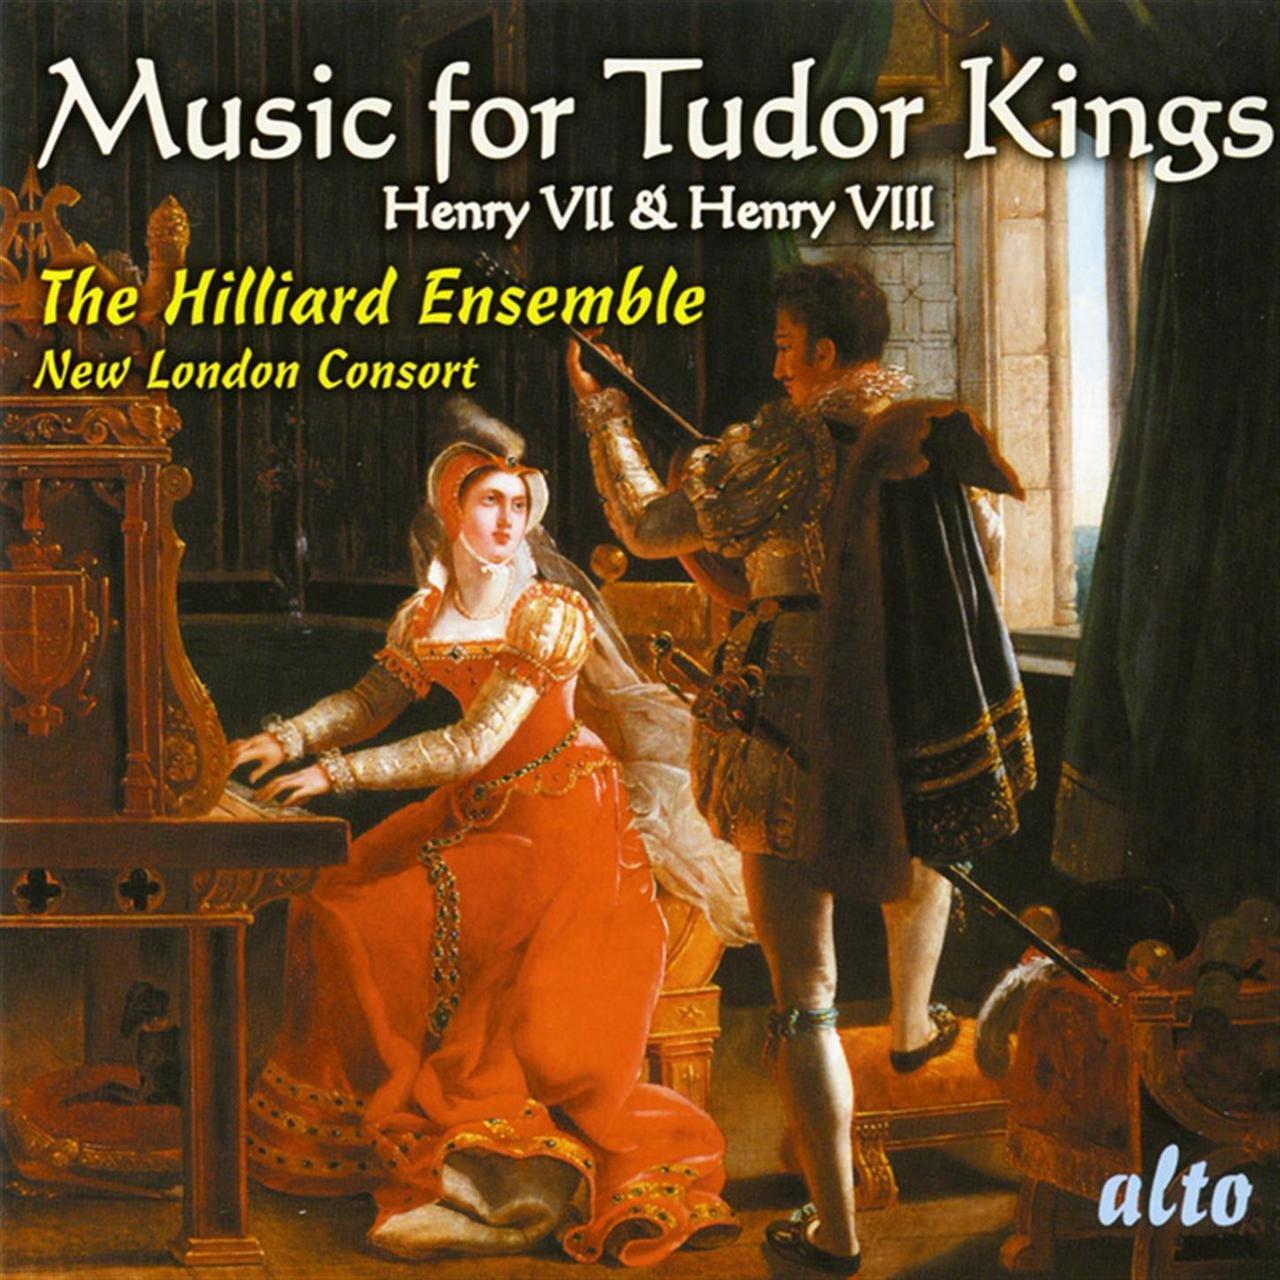 The Hilliard Ensemble - Music For Tudor Kings: Henry Vii & Viii (2007)